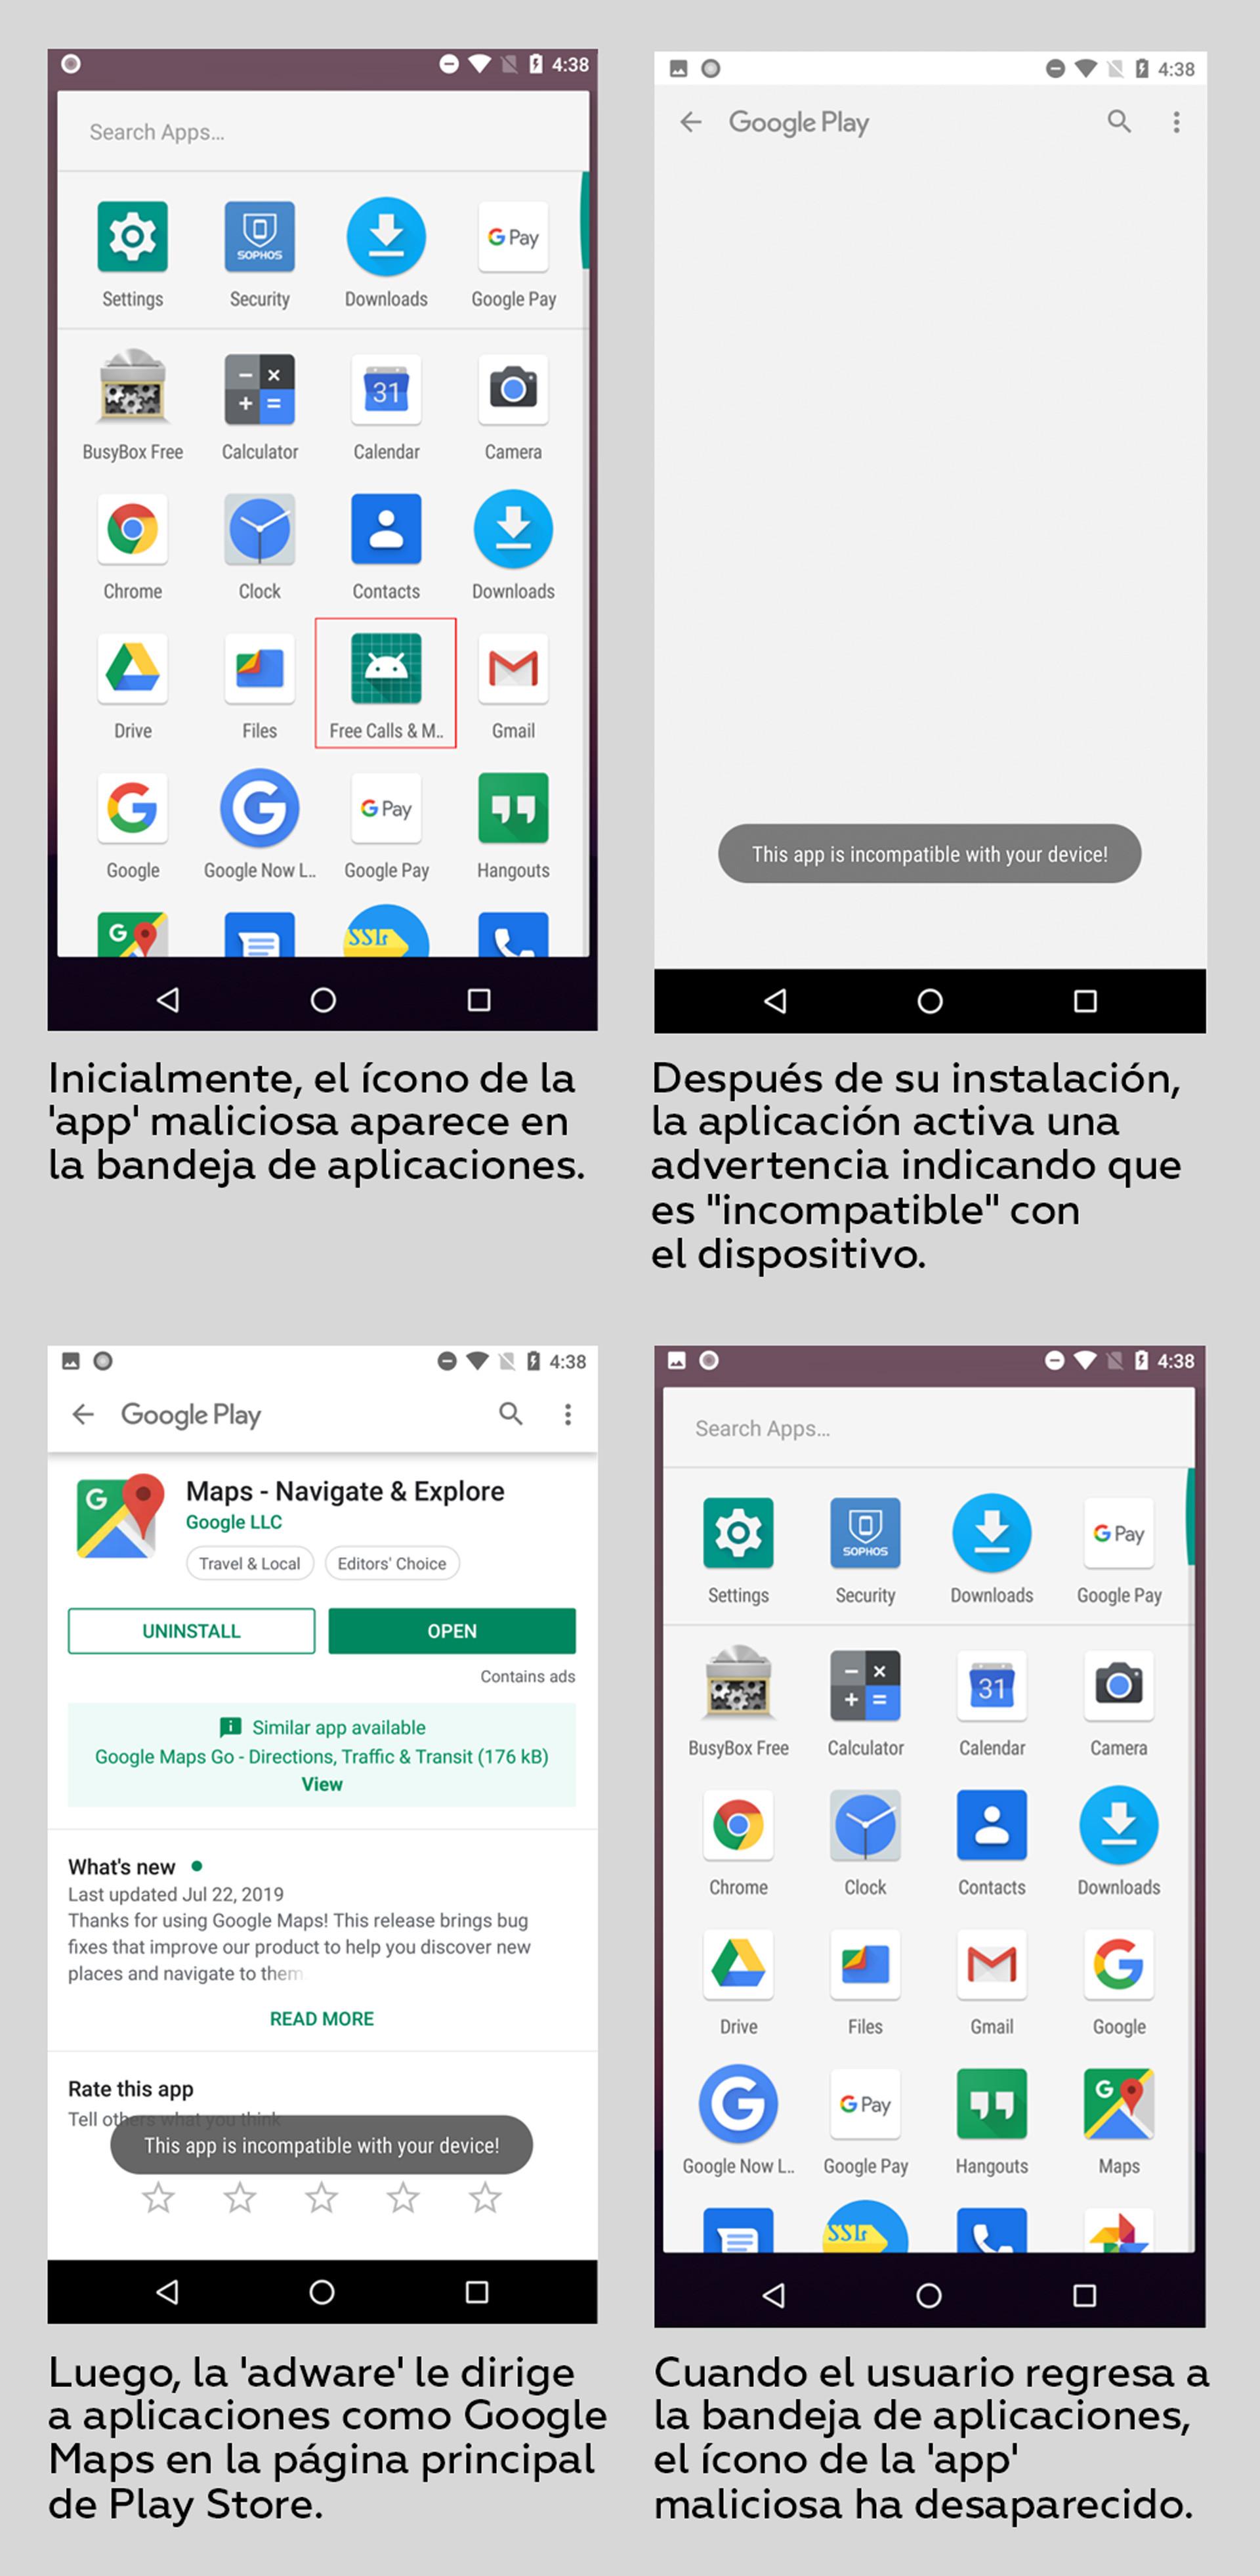 Advierten que aplicaciones maliciosas de publicidad agresiva se ocultan en los dispositivos Android